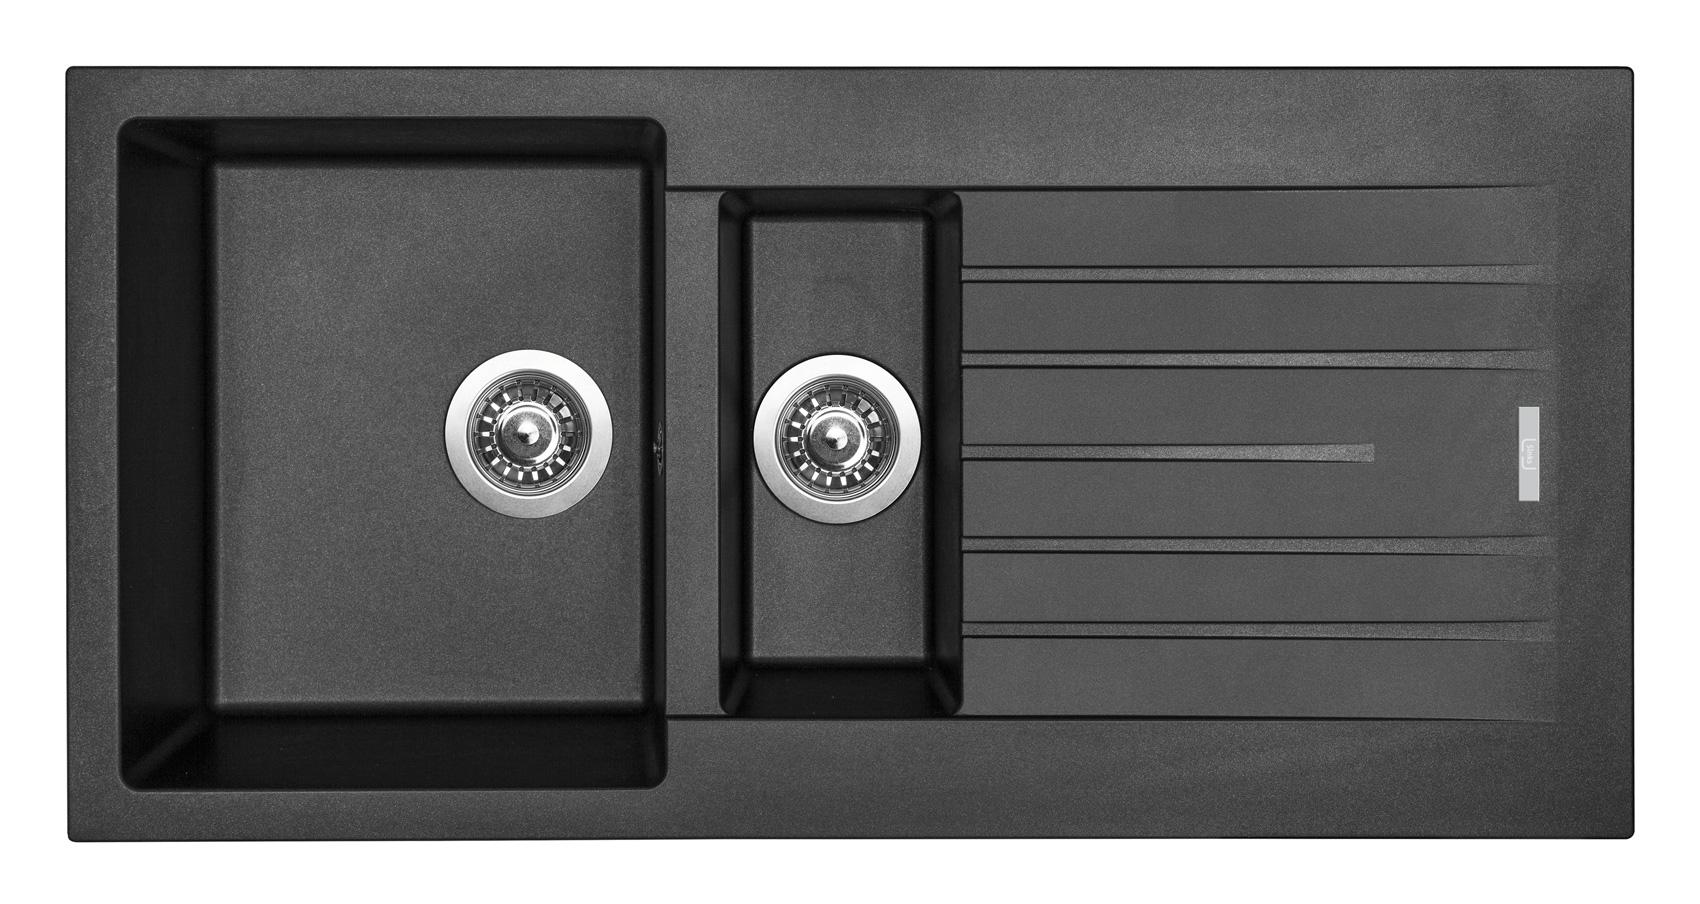 Sinks PERFECTO 1000.1 Metalblack (záruka 5 let)